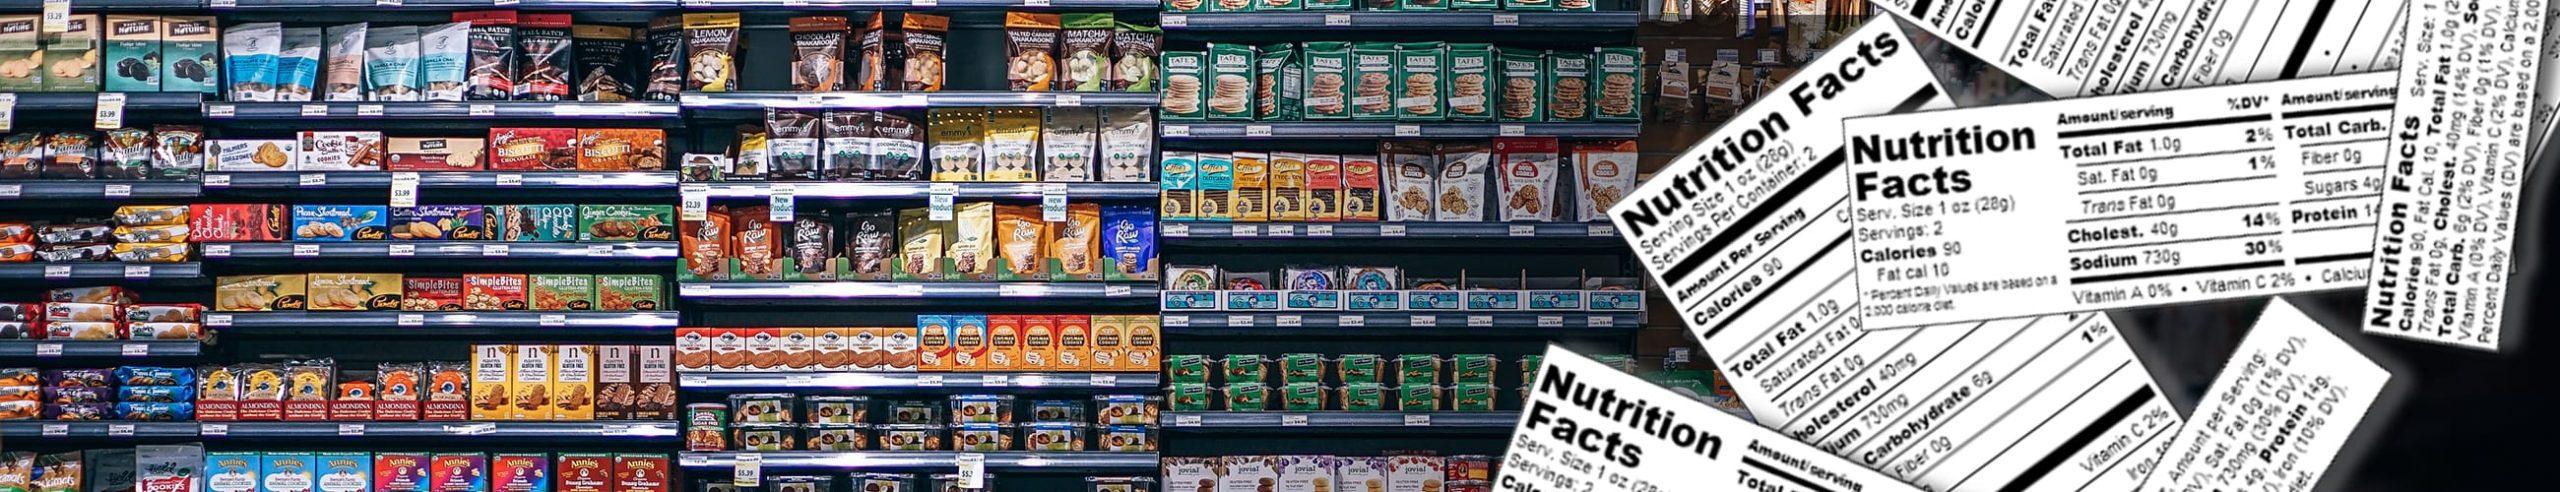 Inchiostro sulle etichette alimentari: cosa prevede la norma?